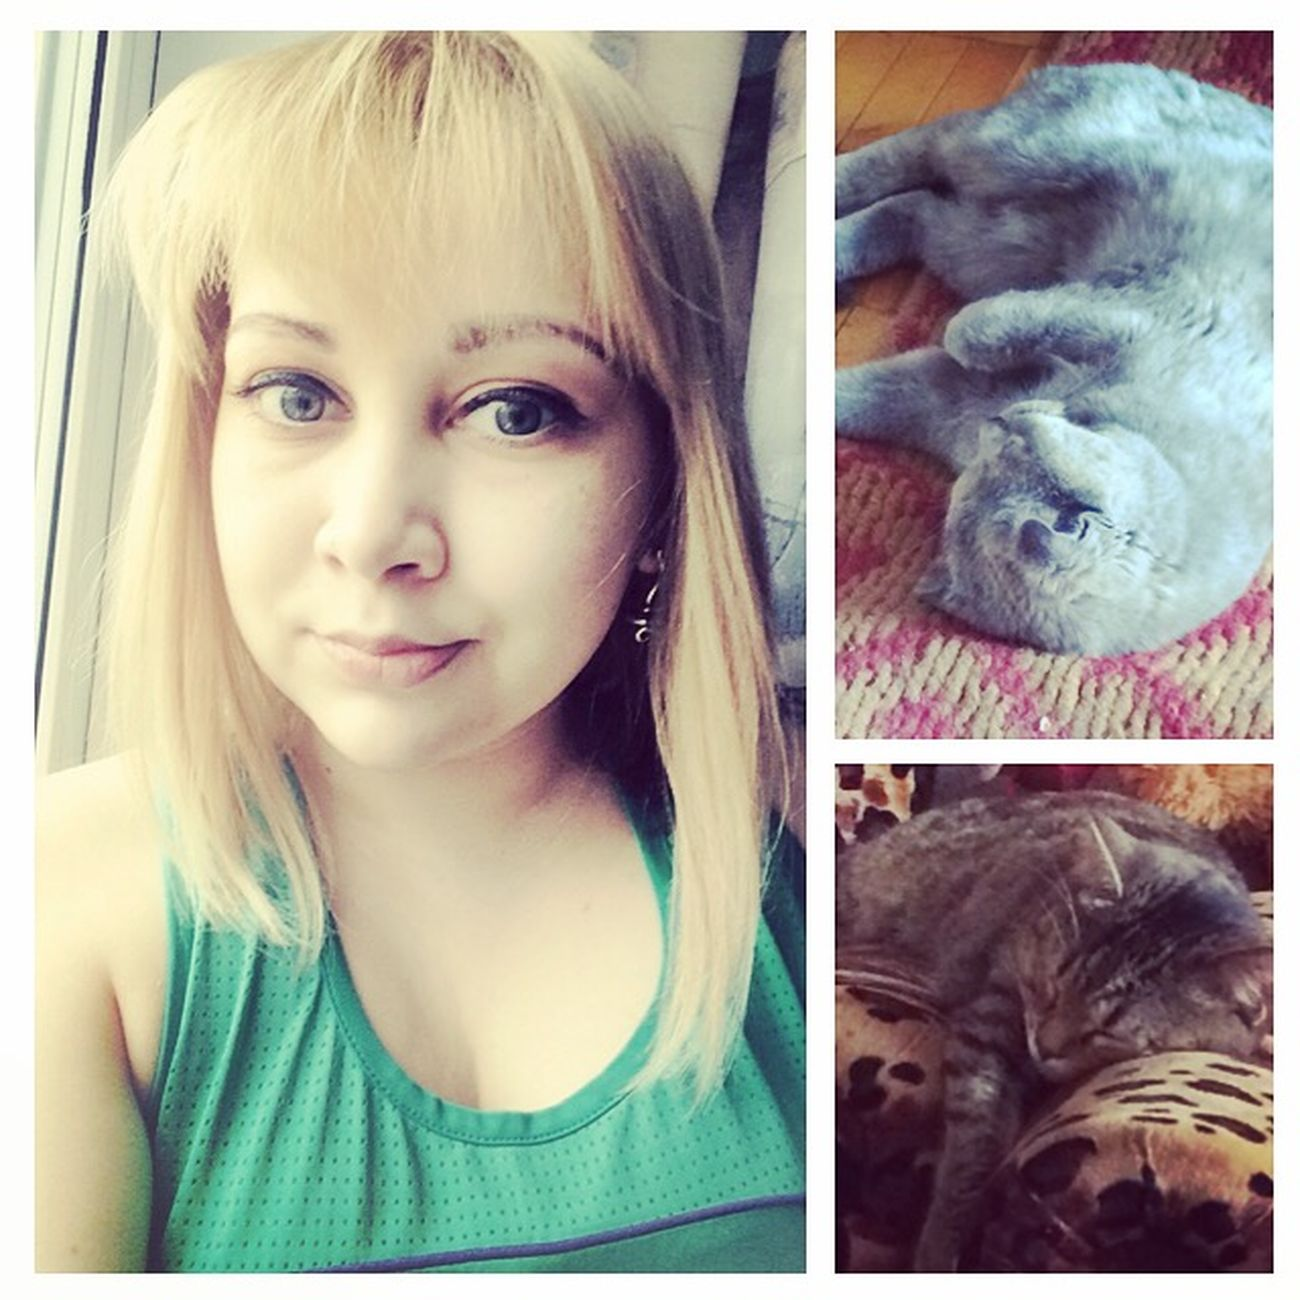 Кто любит котиков? Оля любит котиков 😜😆👍 кошатница сумасшедшаябаба безкотажизньнета